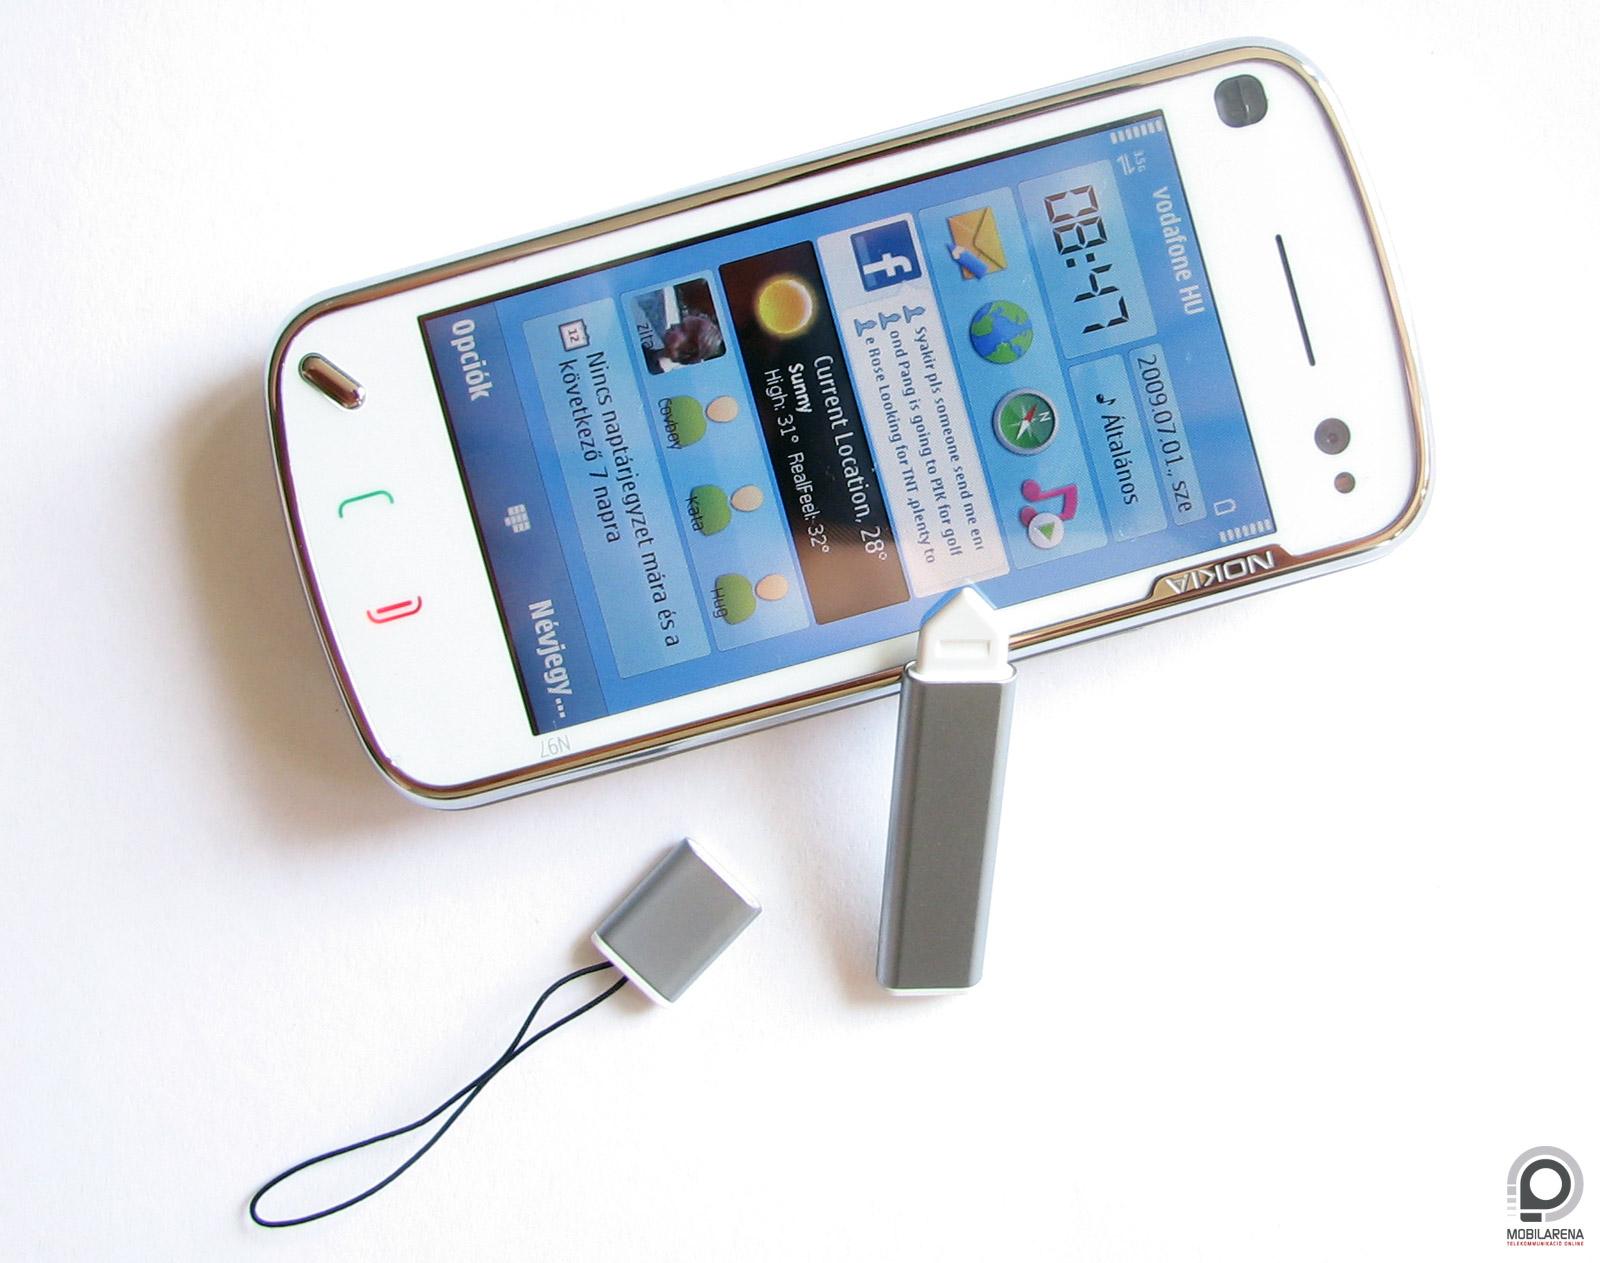 Adobe Pdf Reader For Nokia N97 Mini